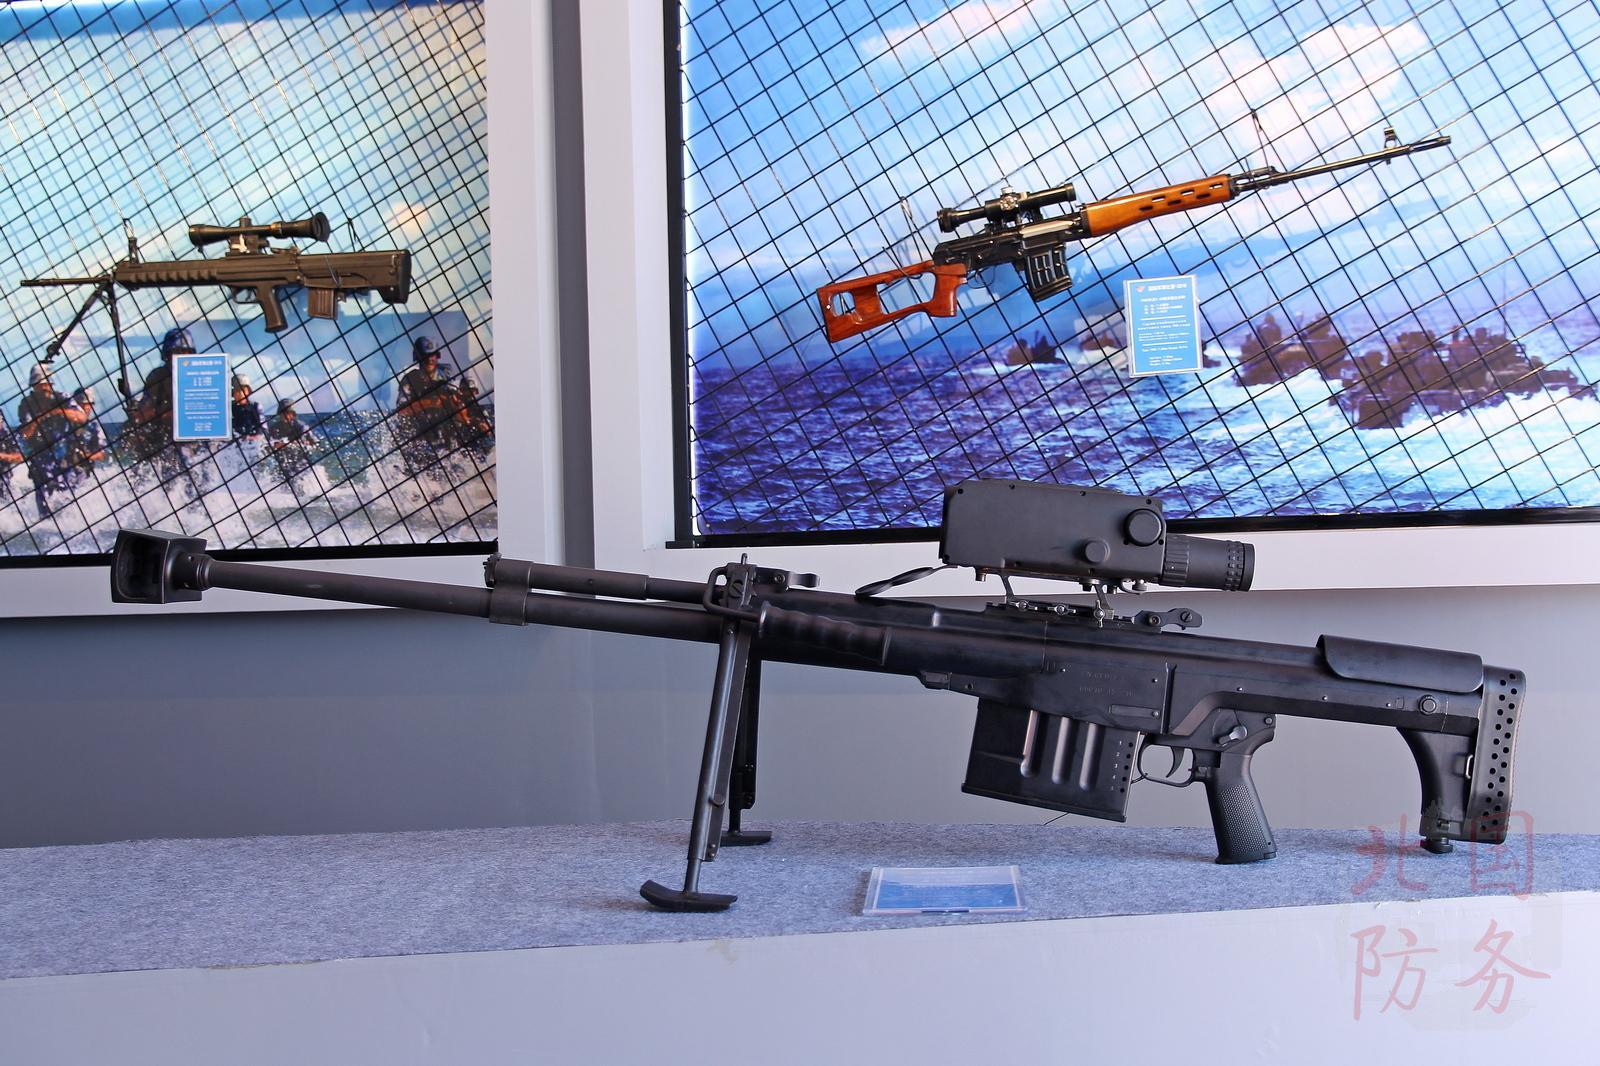 中国海军陆战队同时装备3款狙击枪,全口径覆盖打啥都合适